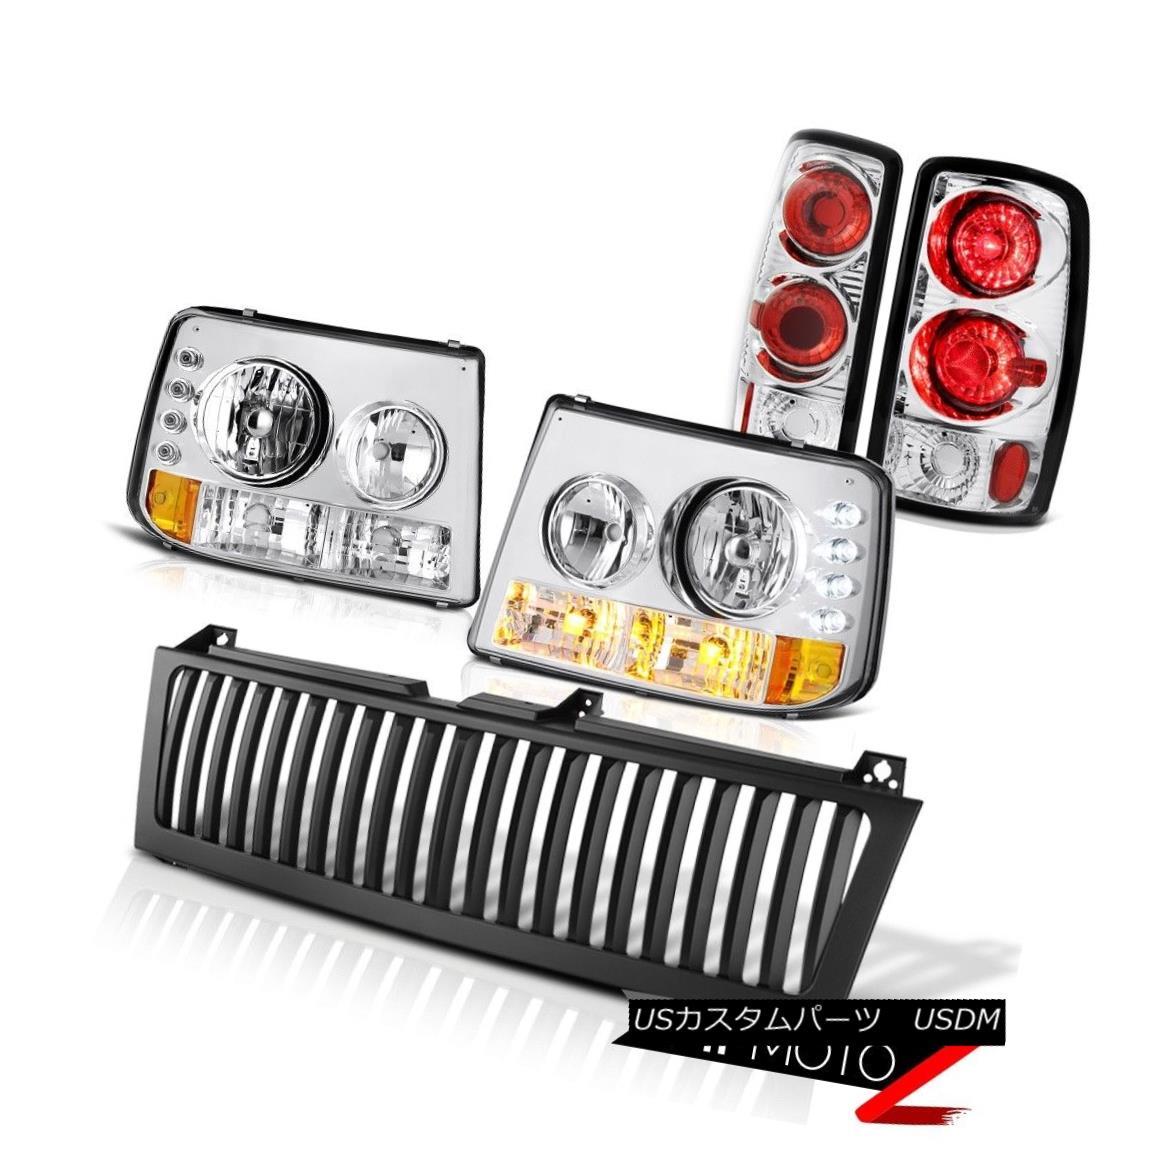 テールライト 00 01 02 03 04 05 06 Suburban 5.7L Bumper Headlight Euro Tail Light Black Grille 00 01 02 03 04 05 06郊外5.7Lバンパーヘッドライトユーロテールライトブラックグリル